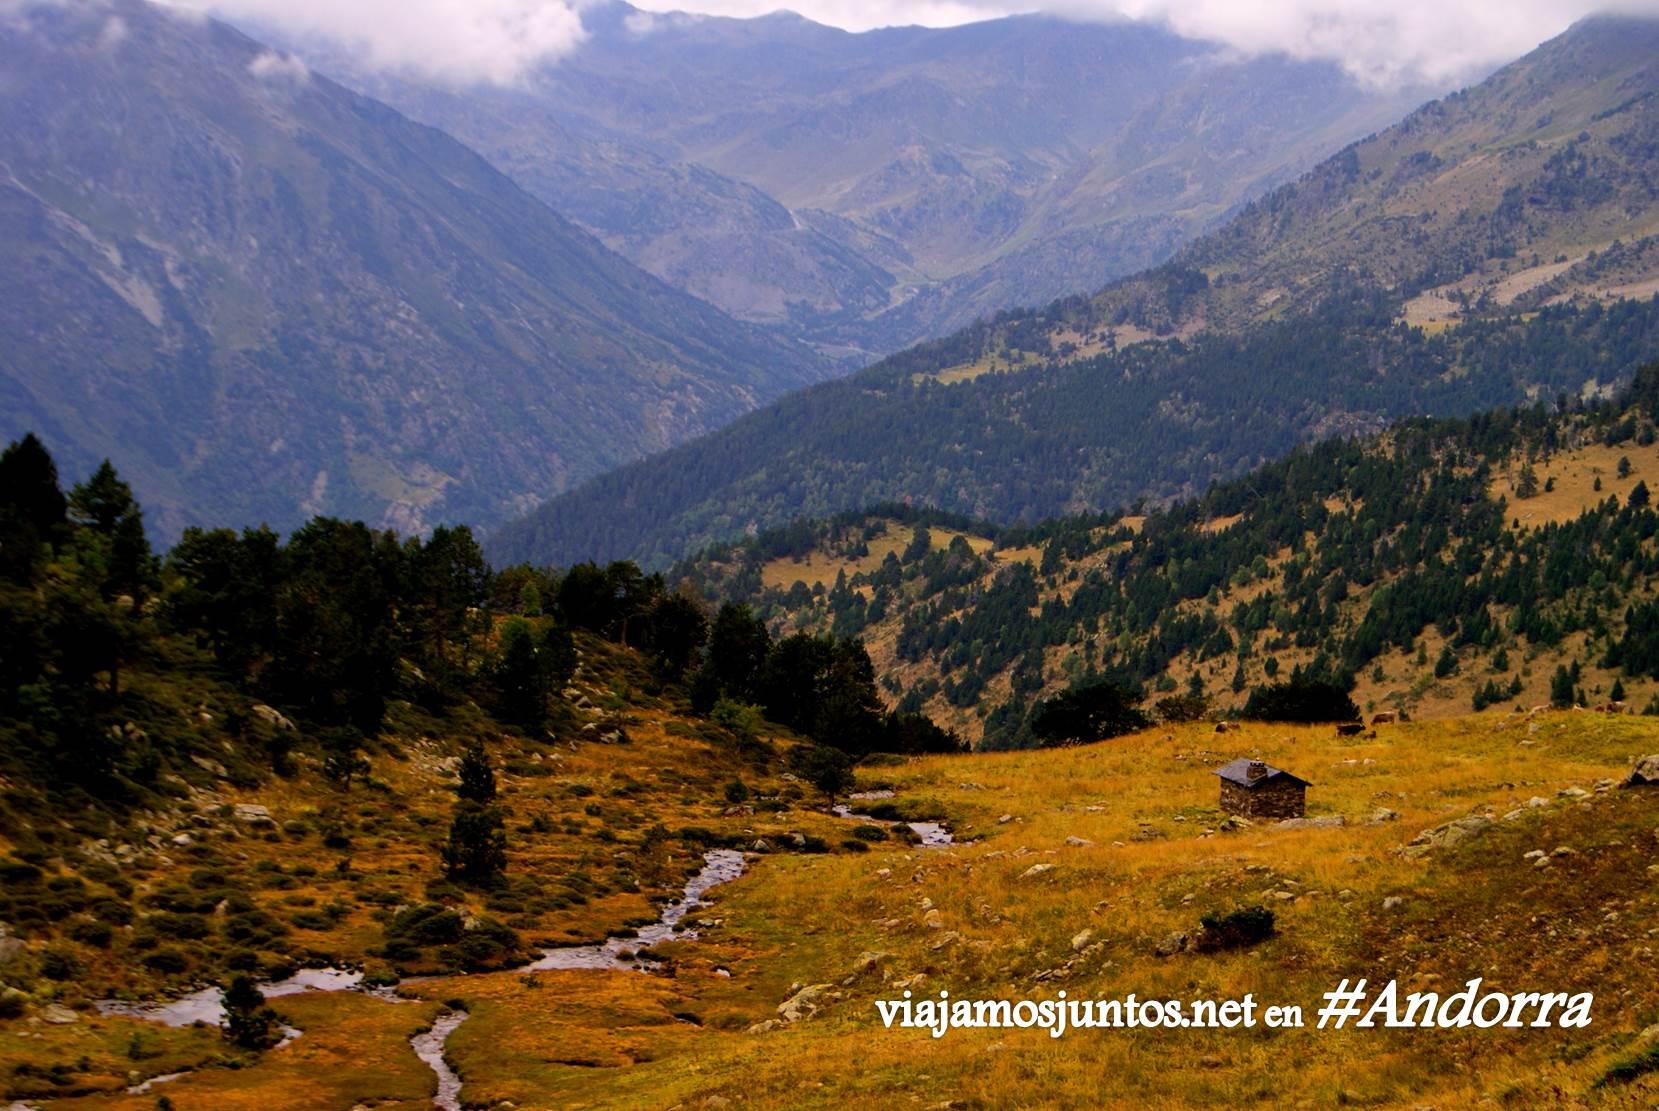 GRP de Andorra, trekking por los Pirineos Orientales; cabaña antes del refugio Bordes de Sorteny